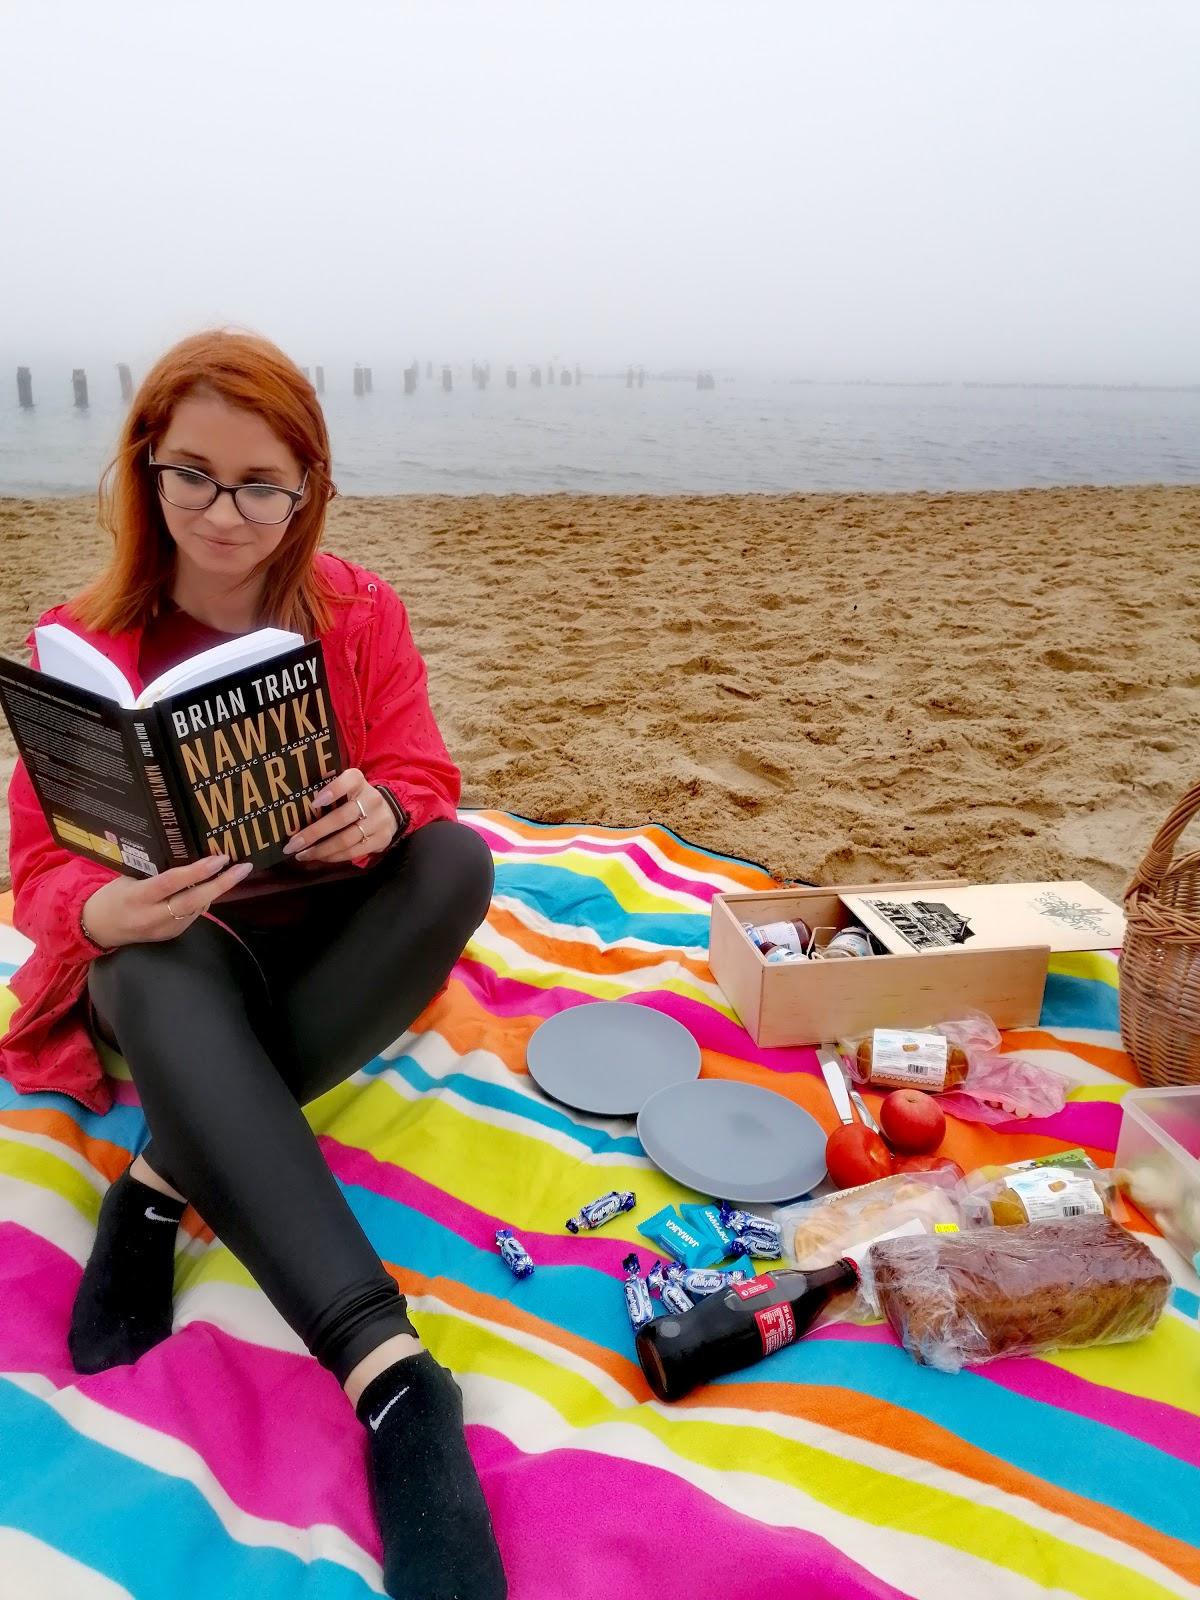 Majówka po swojemu – piknik we dwoje na plaży